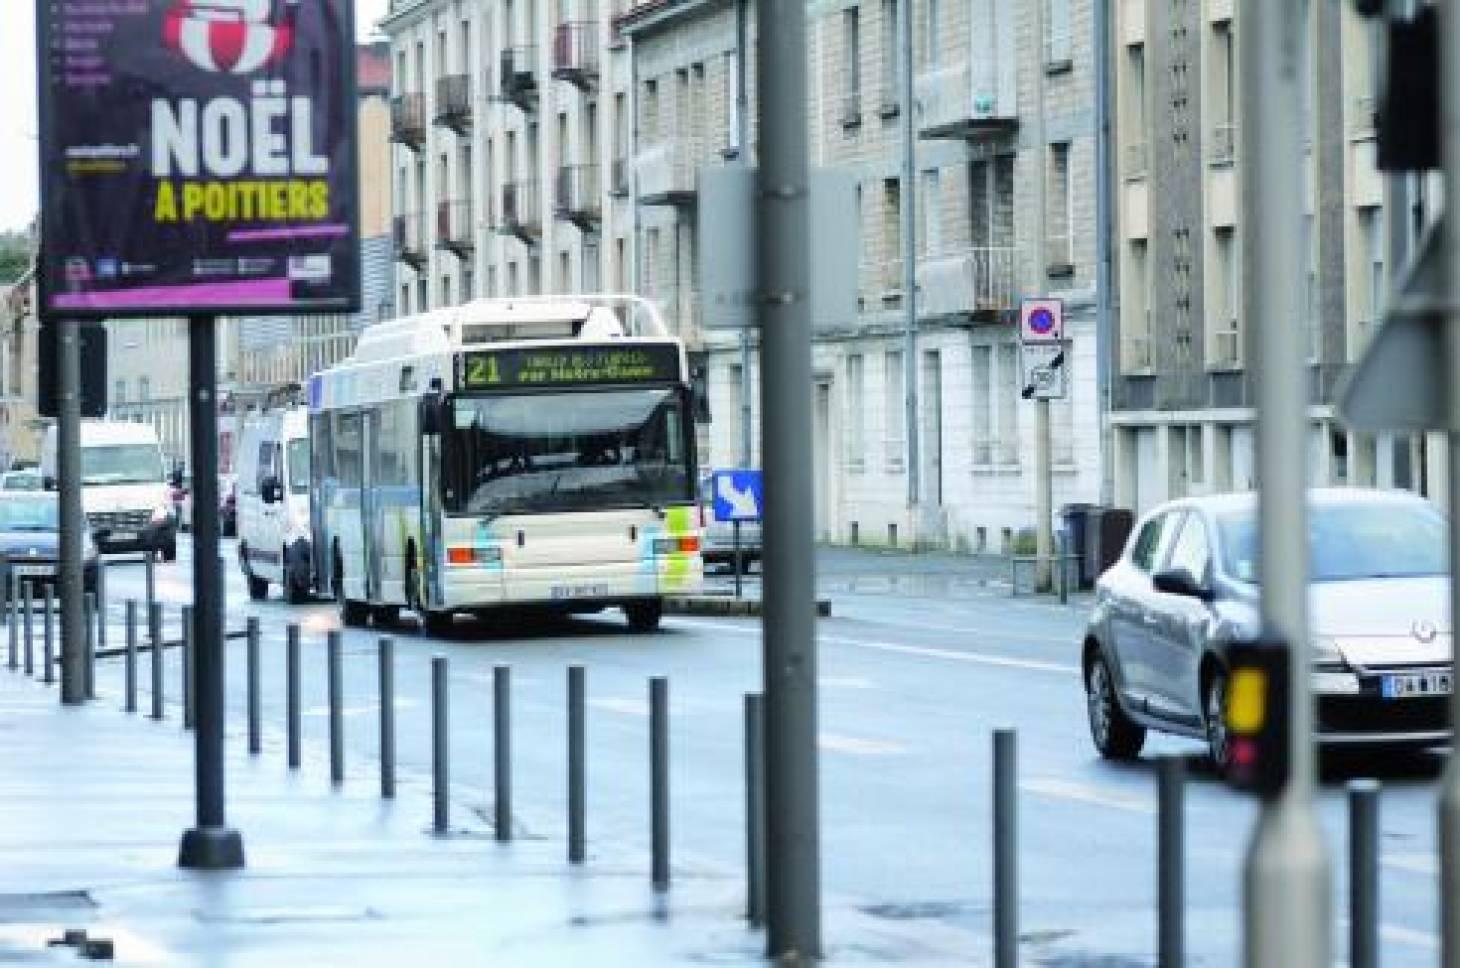 Transports gratuits : il y a débat